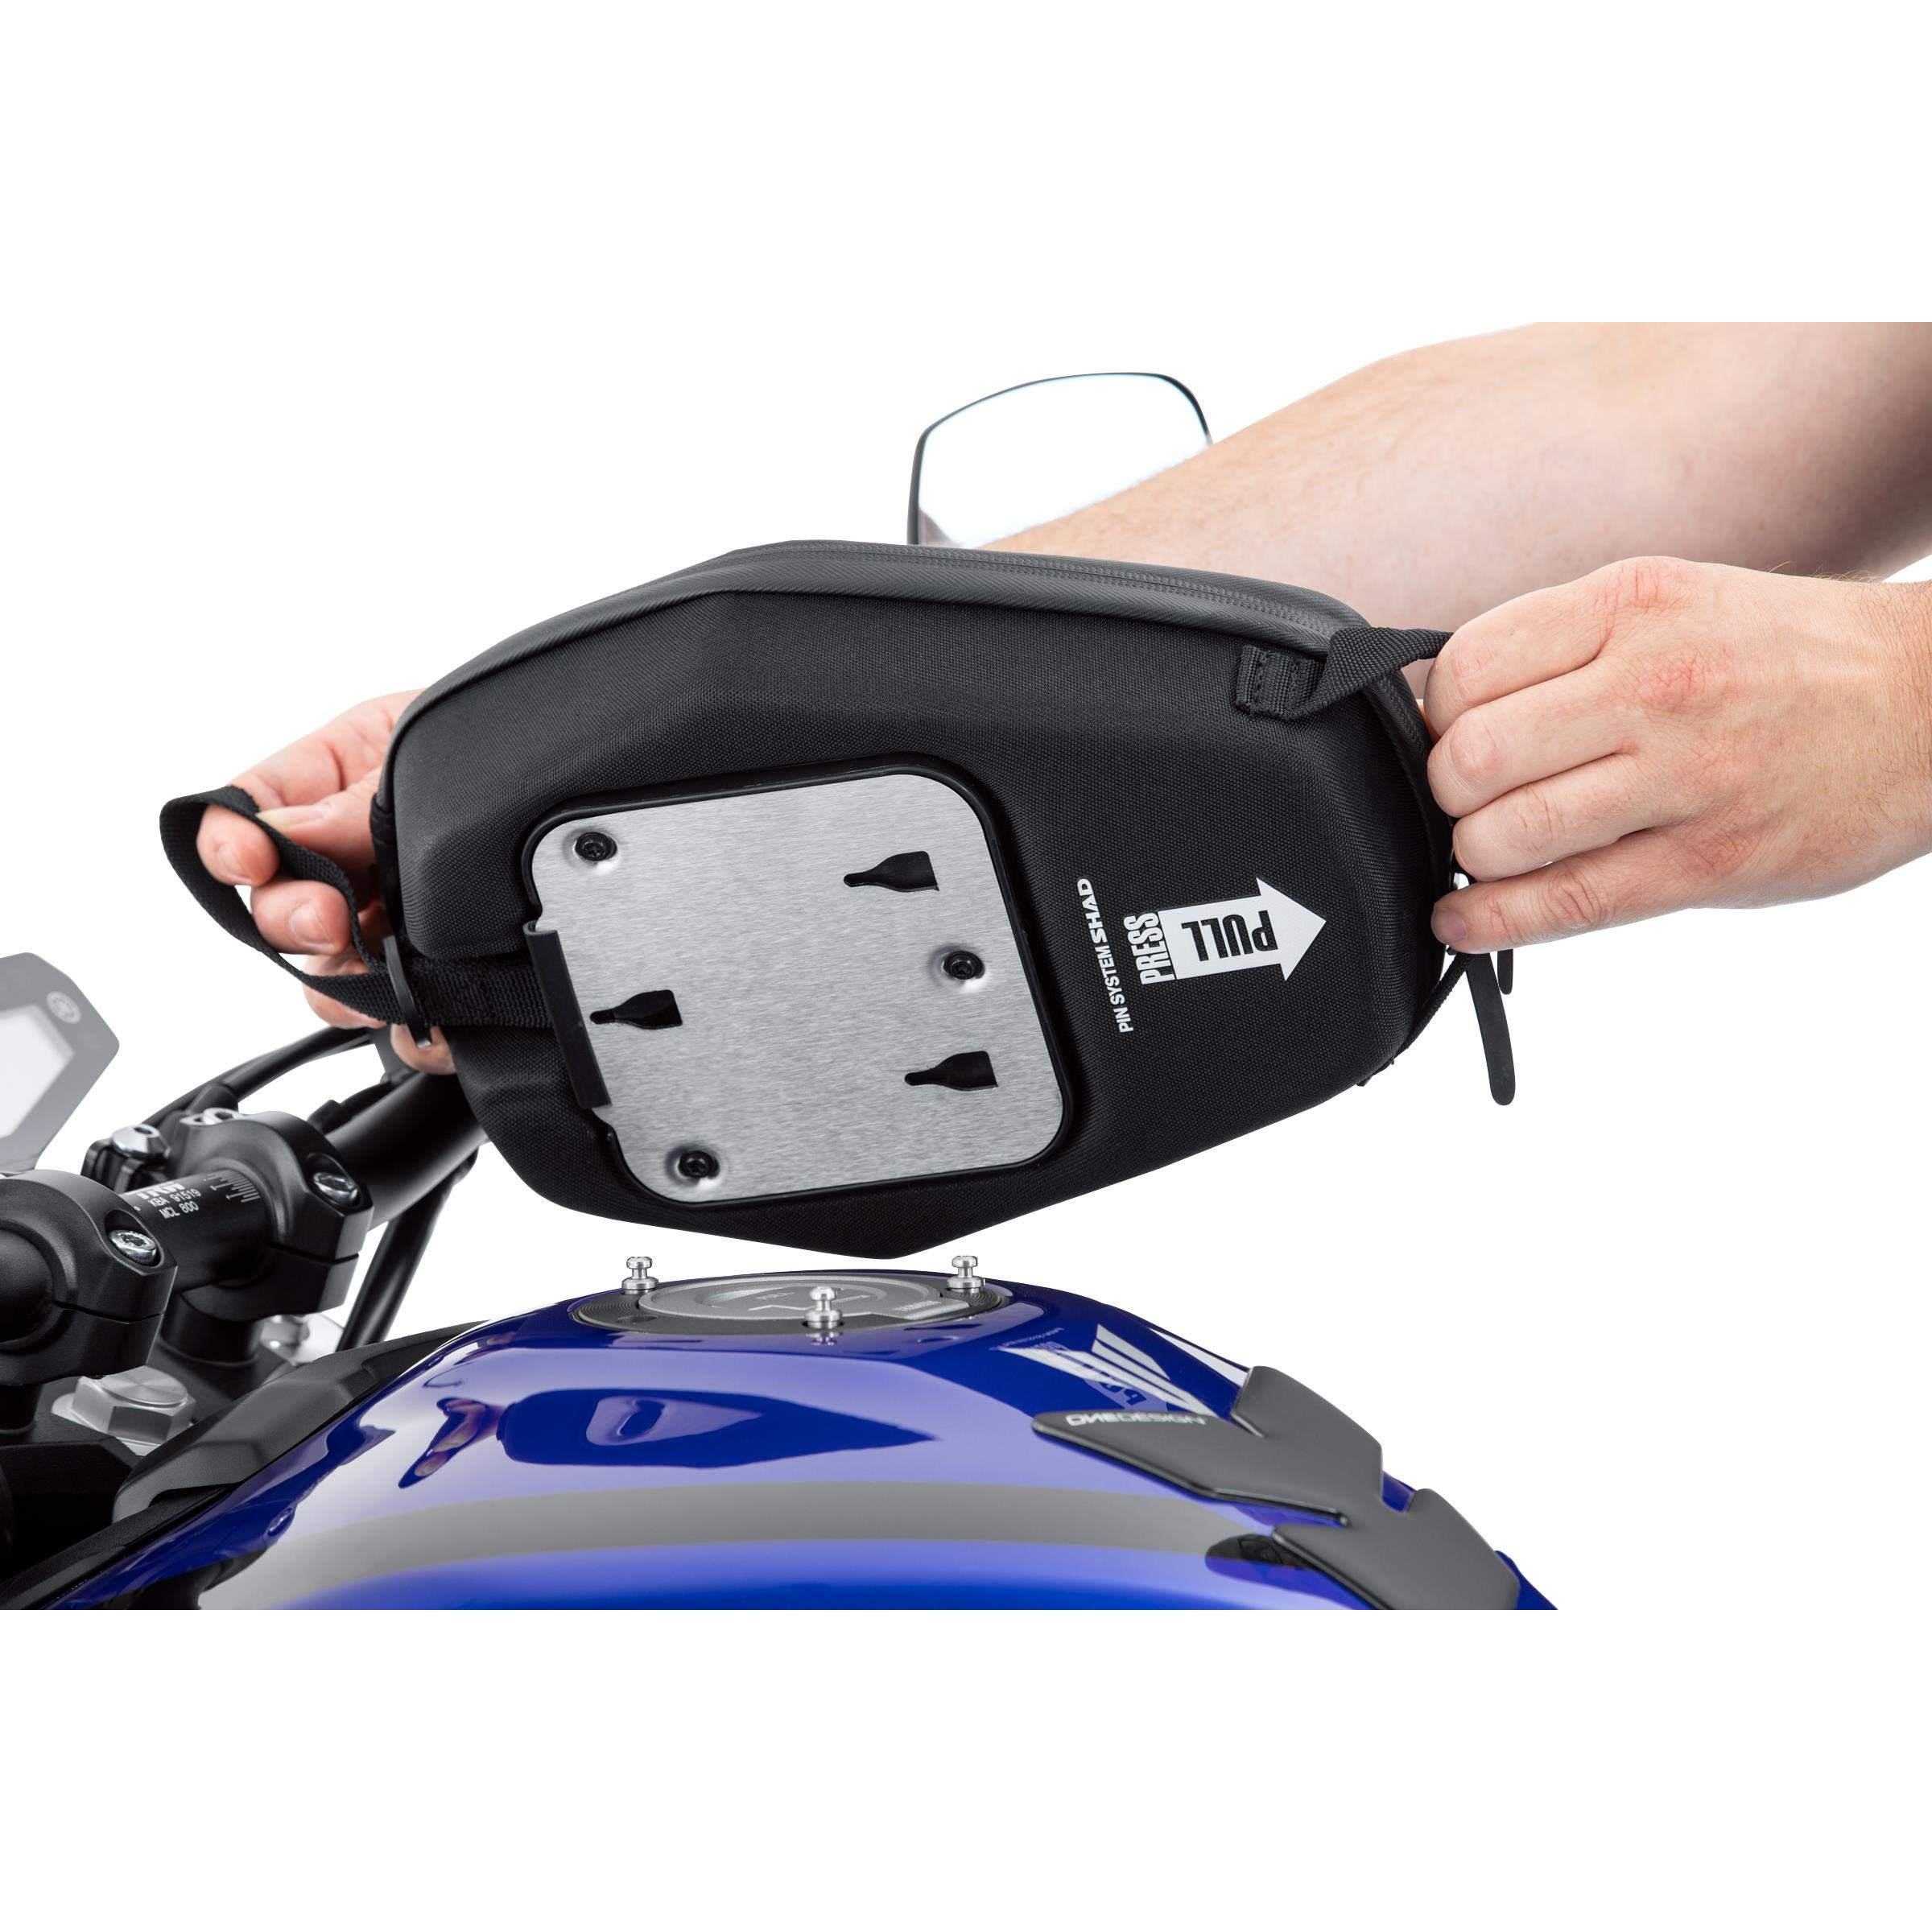 SHAD X0SE04P Bolsa Depósito E04P Pin System, Negro, 6.6: Amazon.es: Coche y moto